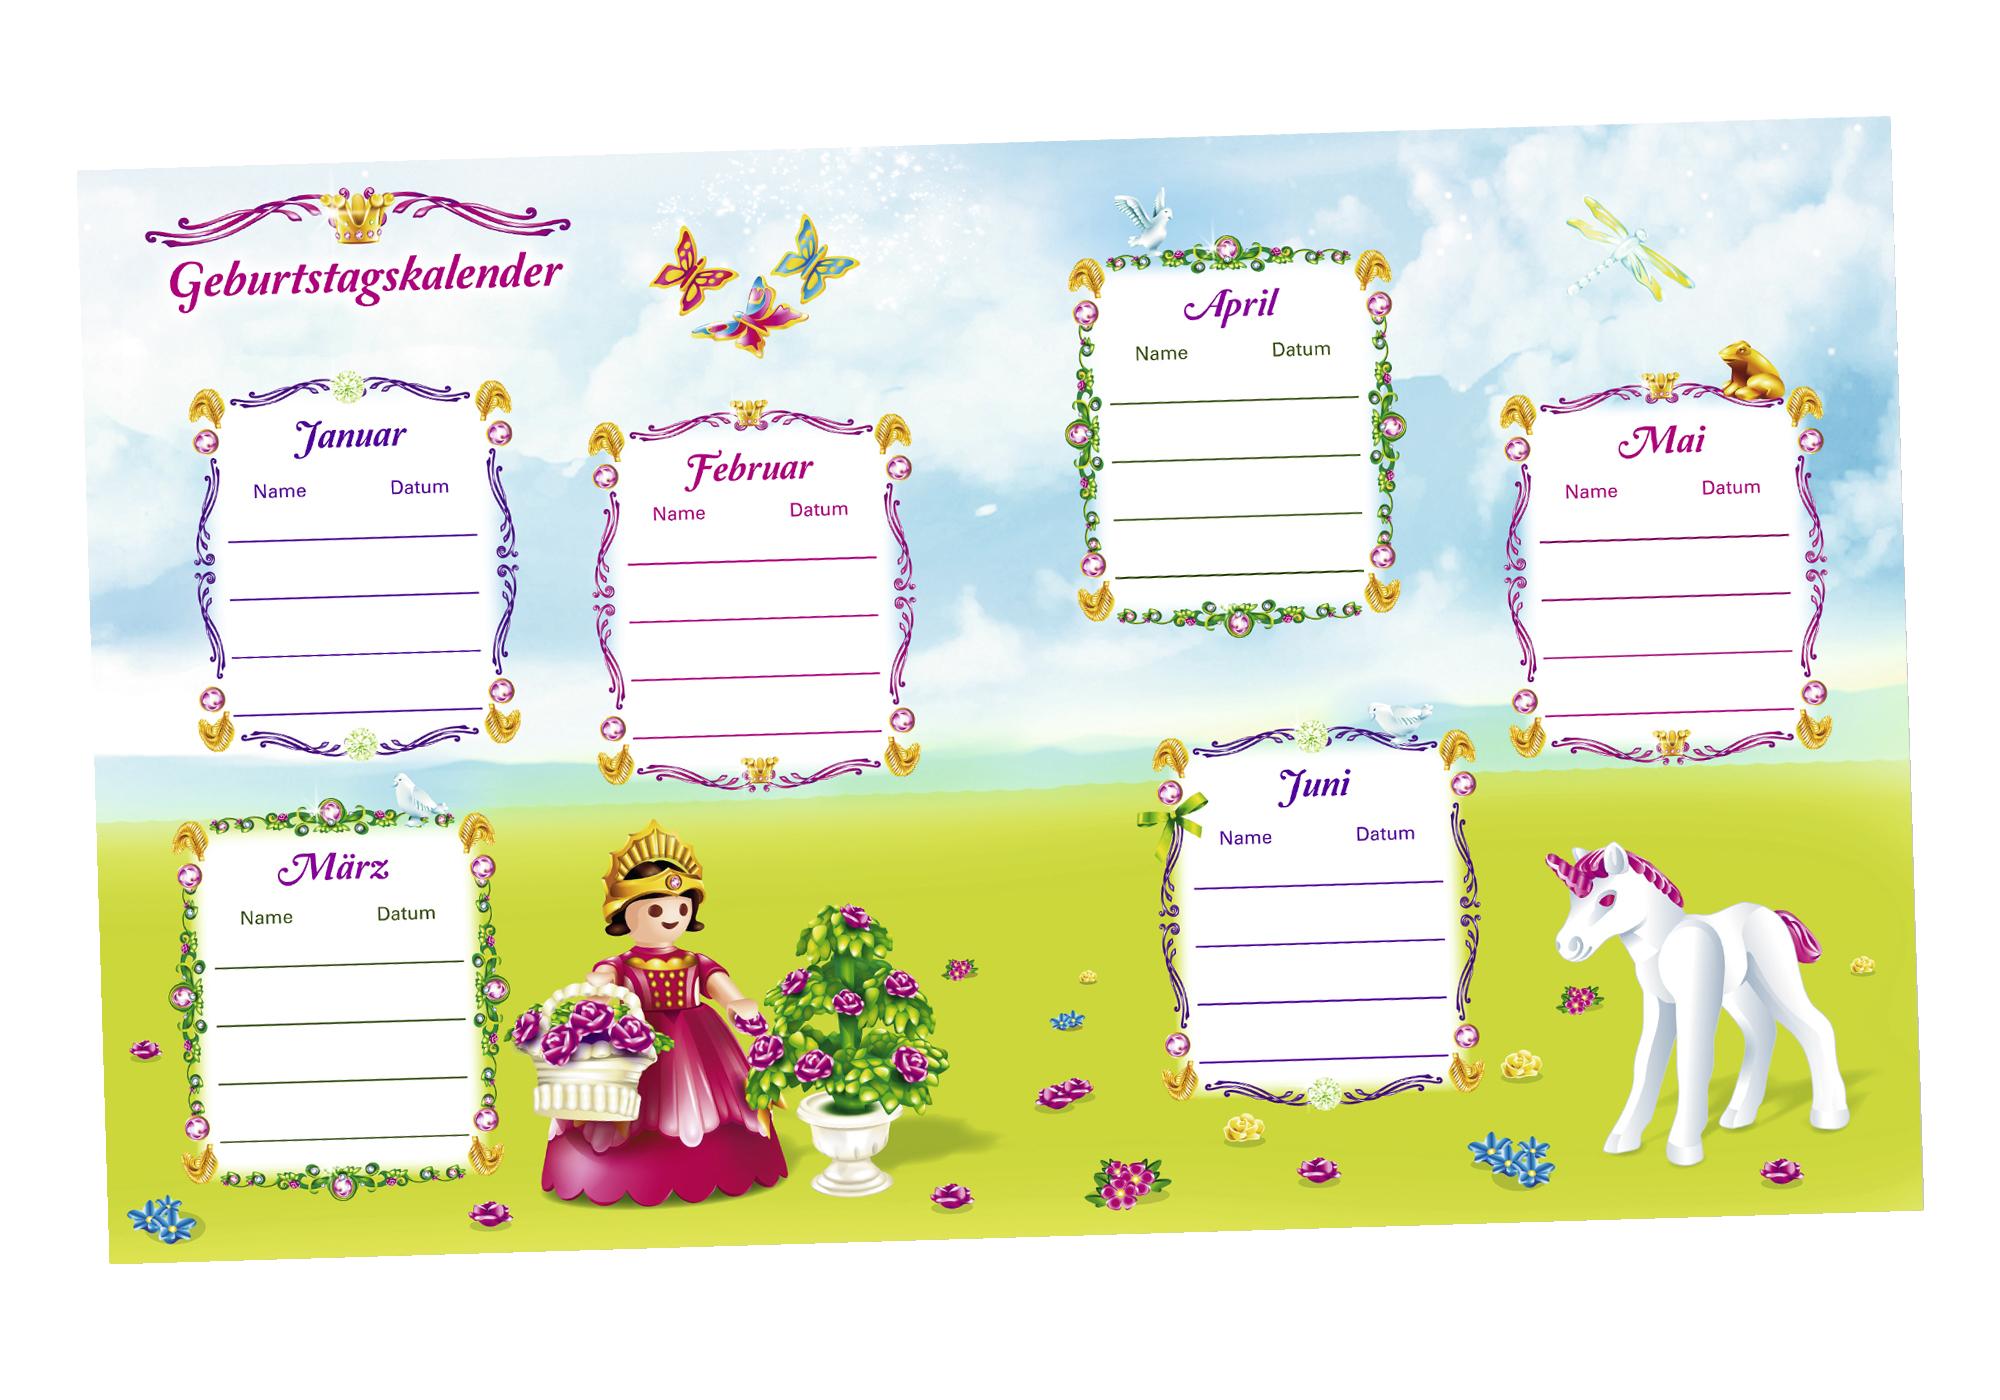 http://media.playmobil.com/i/playmobil/80379_product_extra2/Freundealbum - Meine ersten Freunde (Princess)